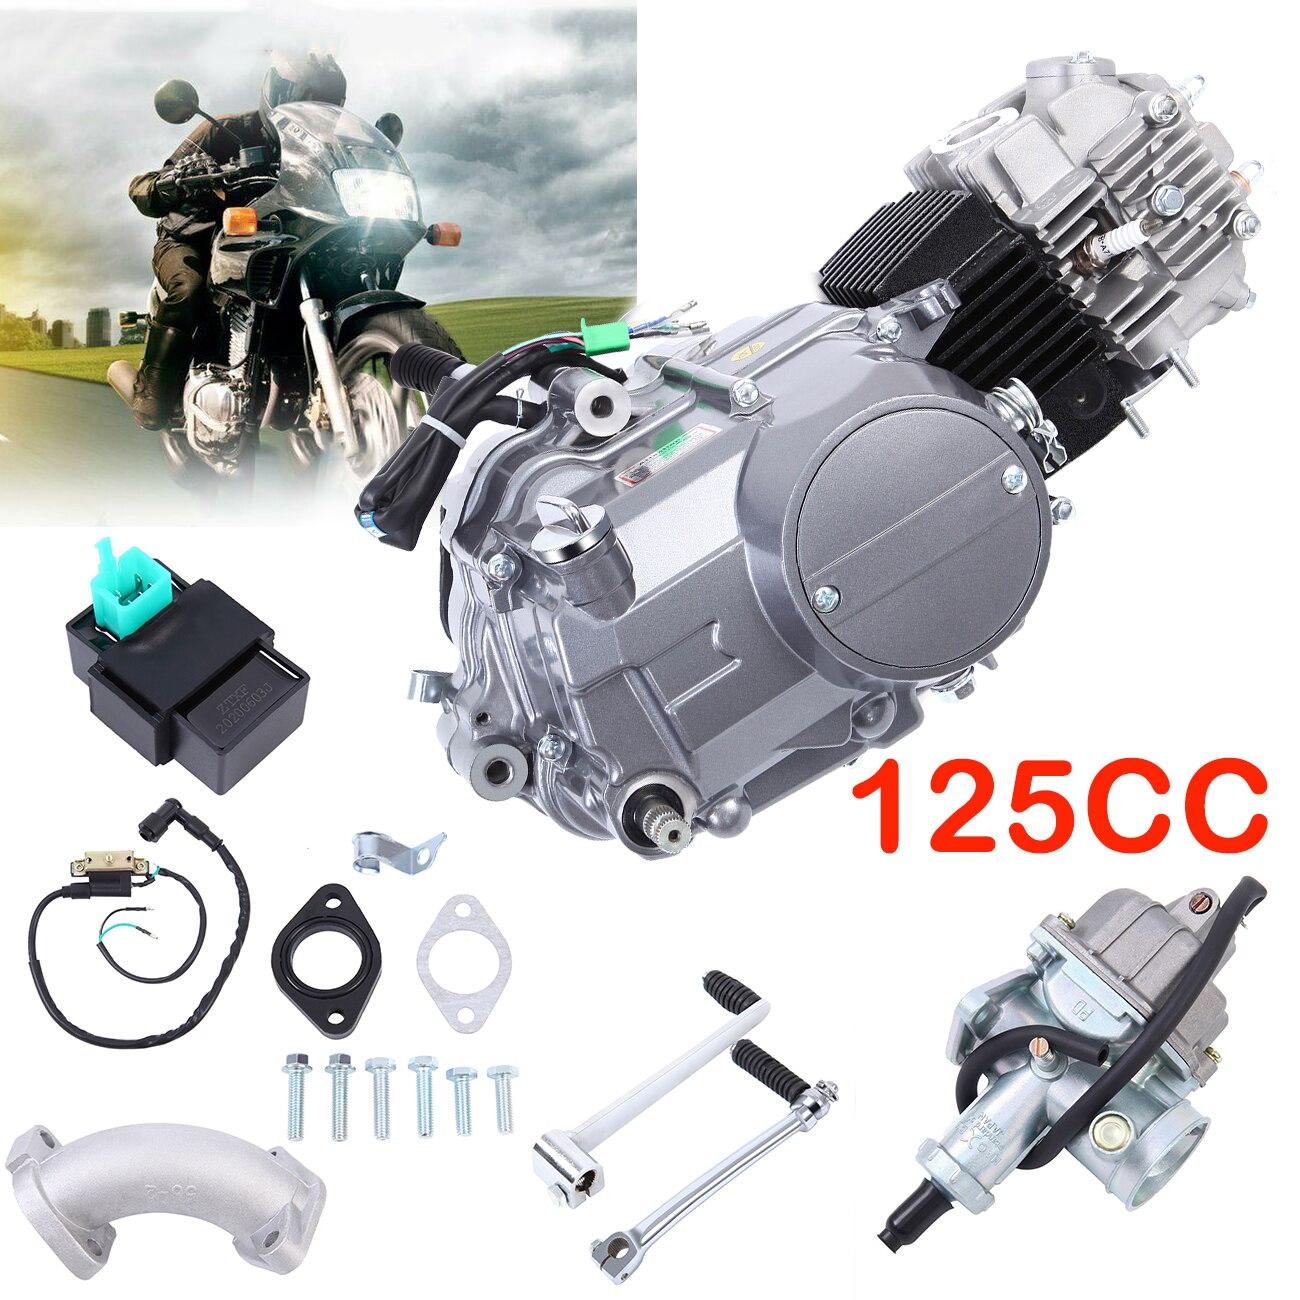 Samger – Kit de moteur à essence 4 temps 125cc, pour Honda CRF70 XR70 Z50, Scooter, ATV, Go Kart, pièces de moto